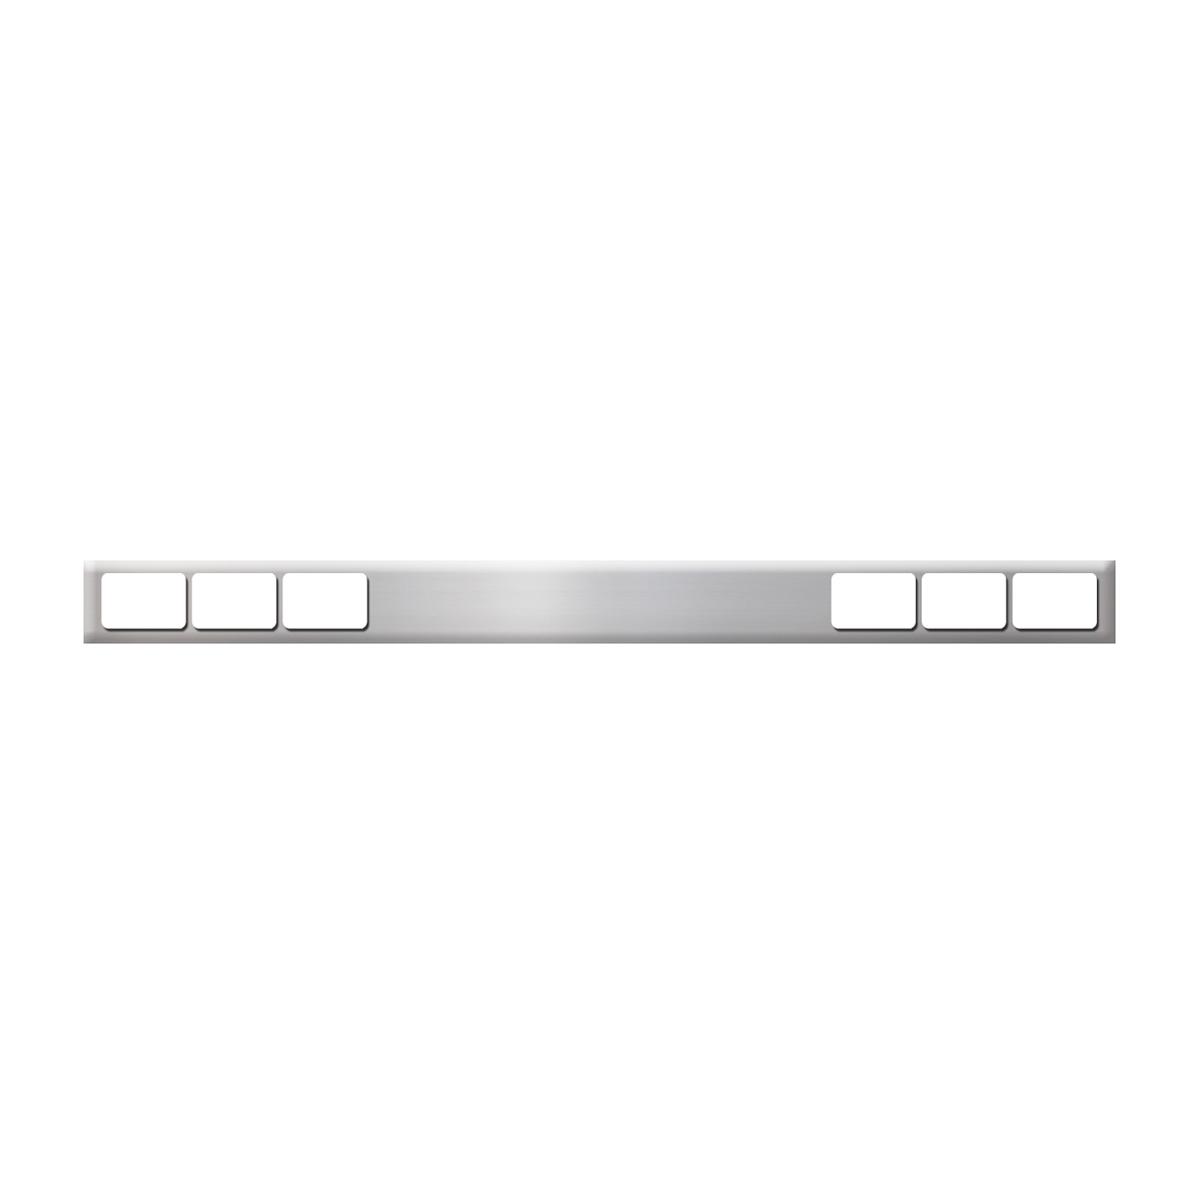 #80126 Chrome Plated Steel Bar